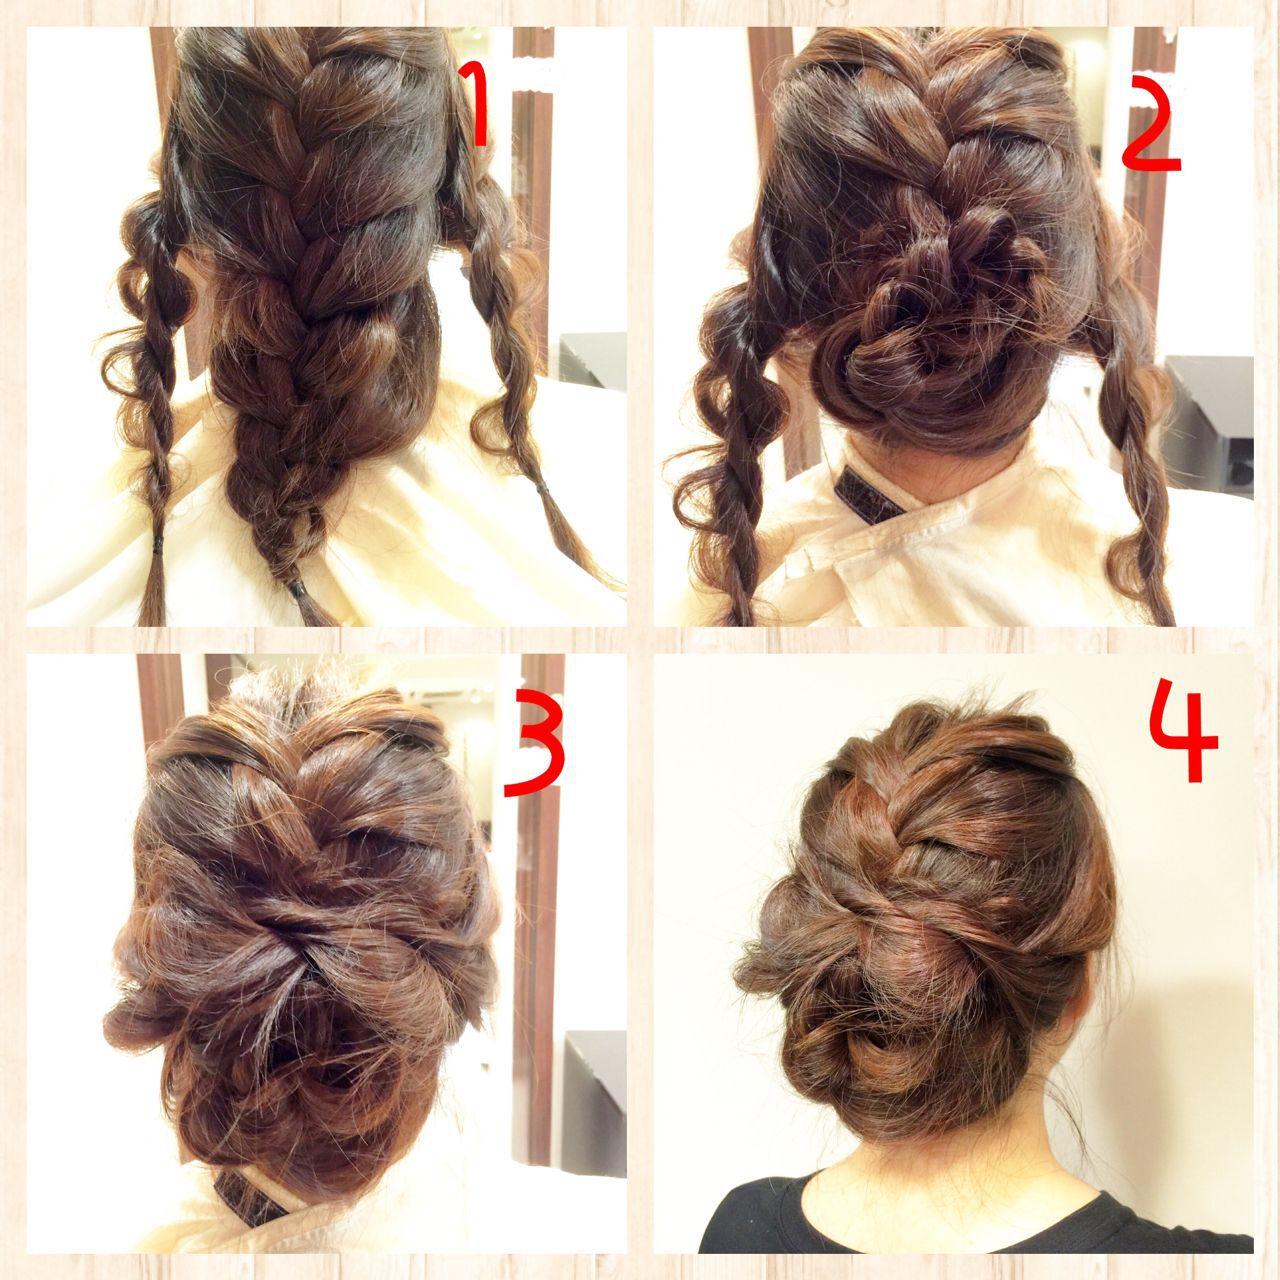 結婚式 ナチュラル 簡単ヘアアレンジ ヘアアレンジヘアスタイルや髪型の写真・画像